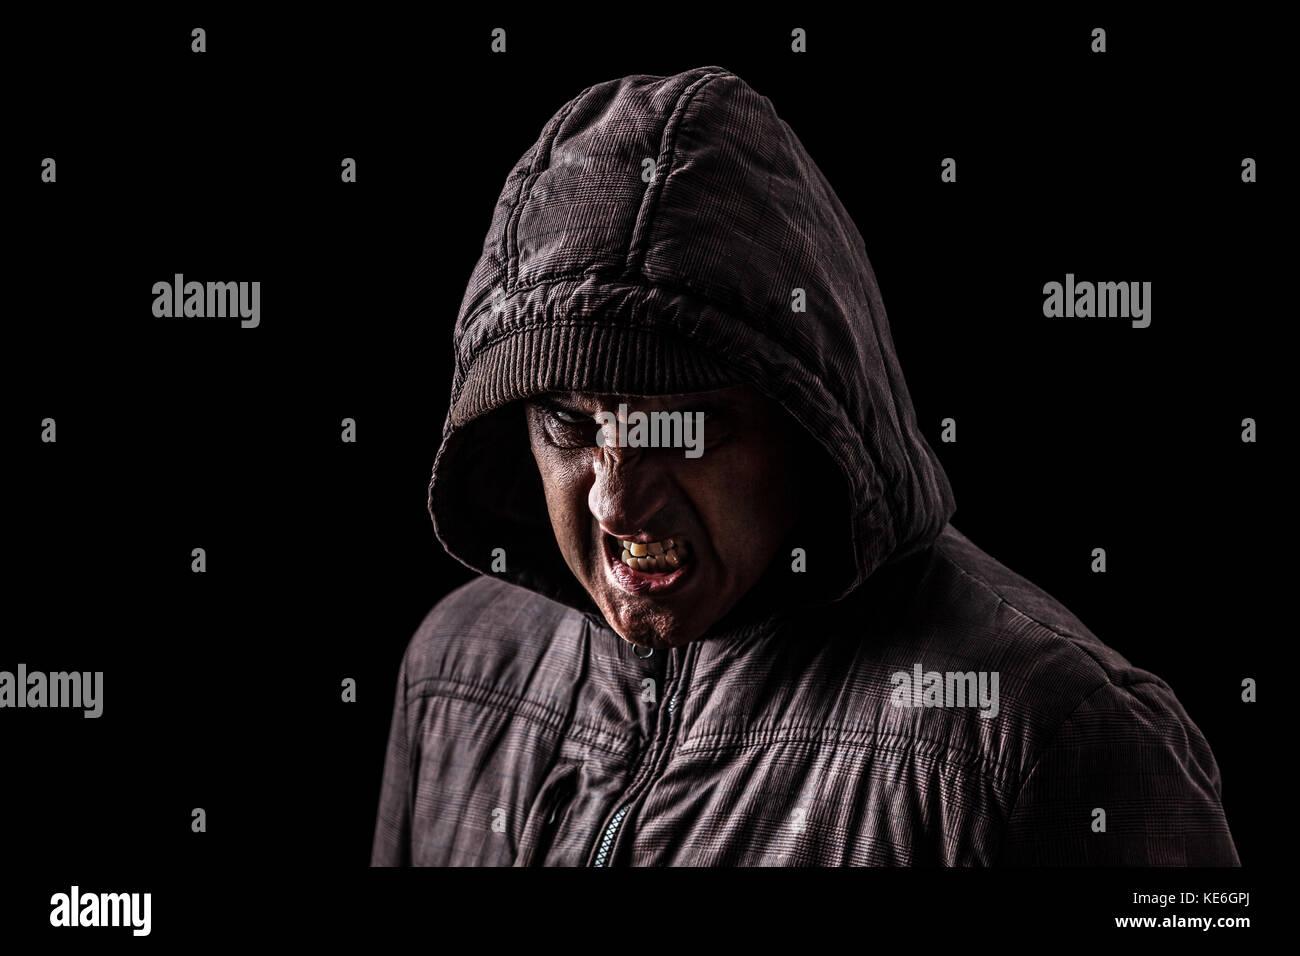 Molto arrabbiato, aggressivo, creepy uomo nascondere le ombre, in piedi nel buio.Sfondo nero / creepy pericoloso Immagini Stock